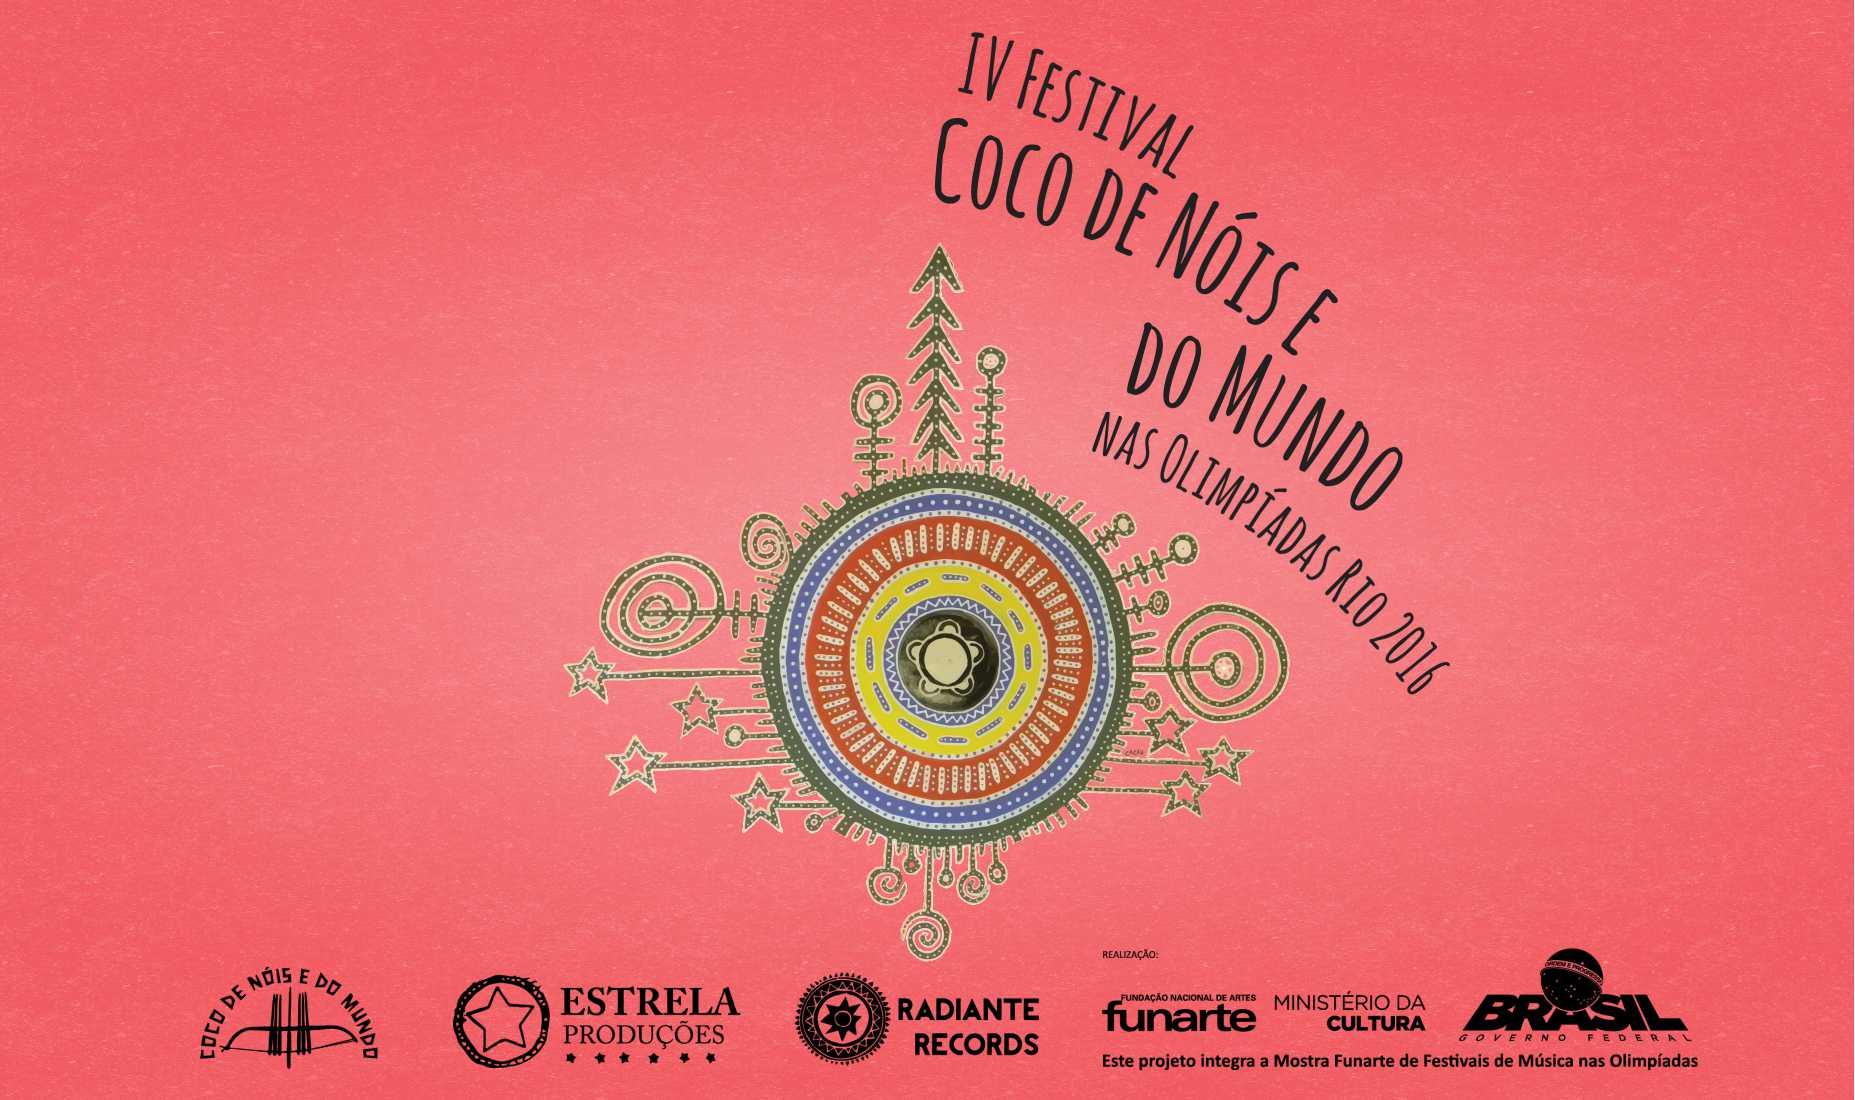 Banner do 4º Festival Coco de Nóis e do Mundo nas Olimpíadas Rio 2016